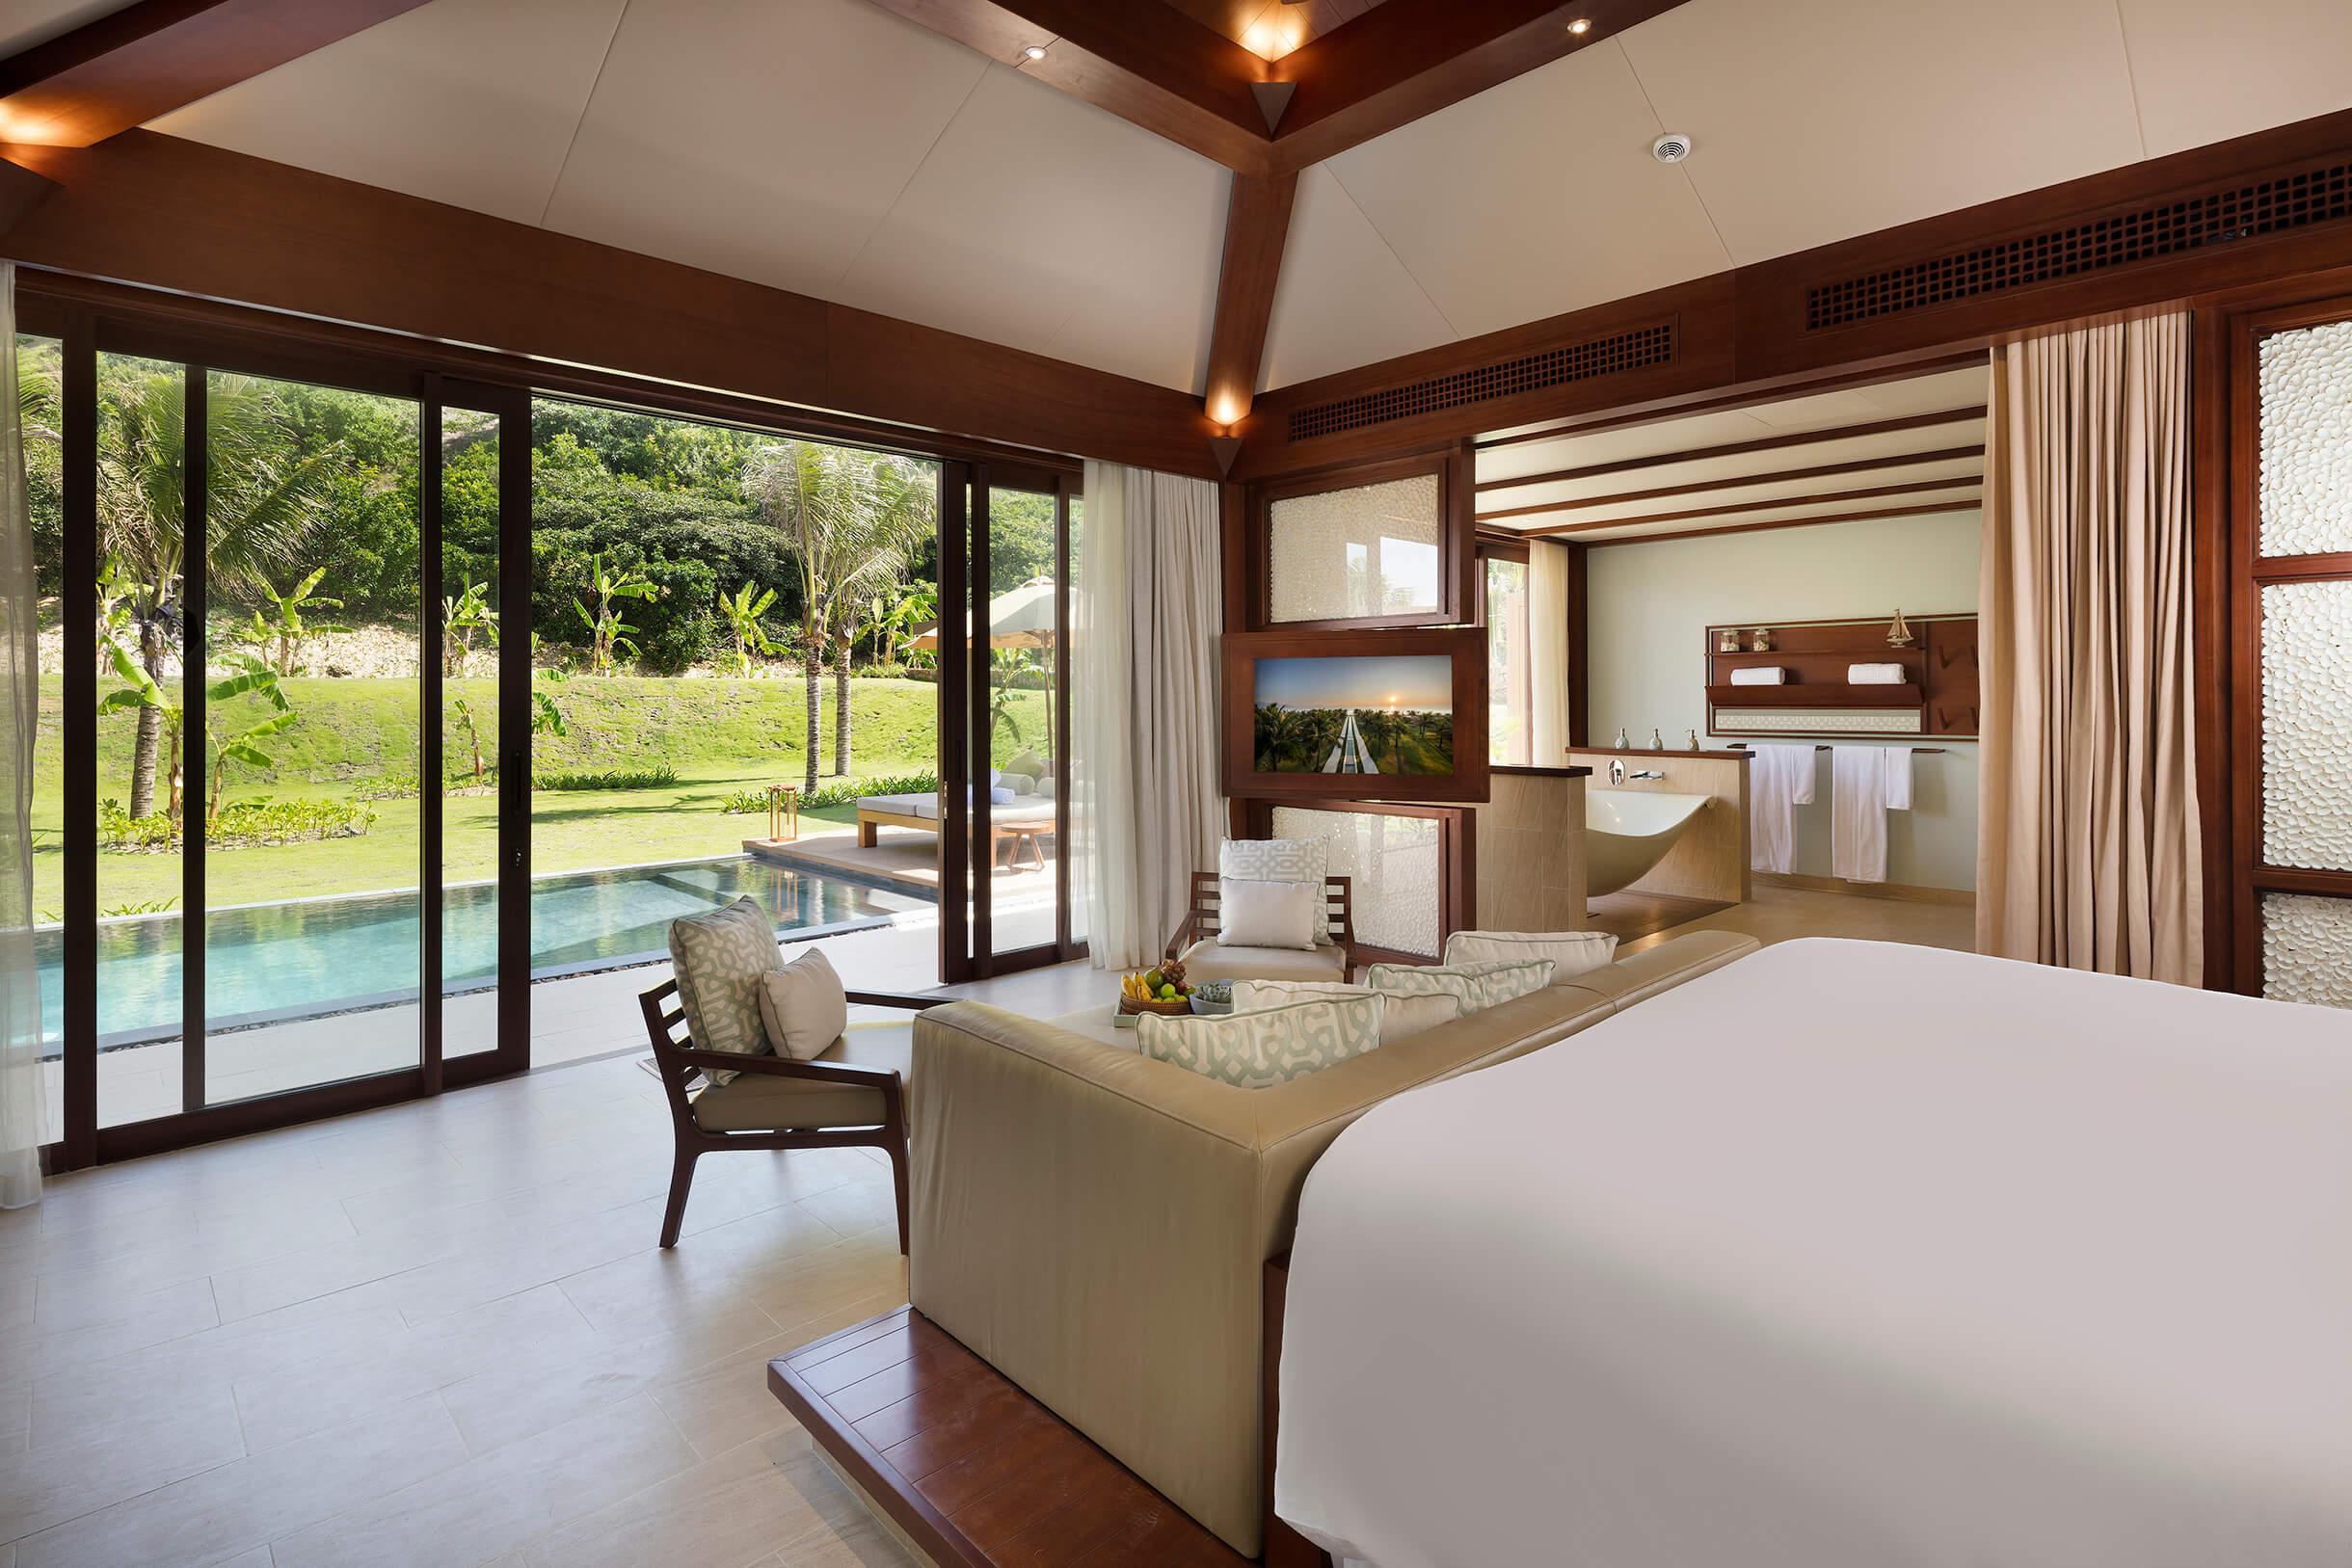 fusion resort cam ranh garden pool villa 03